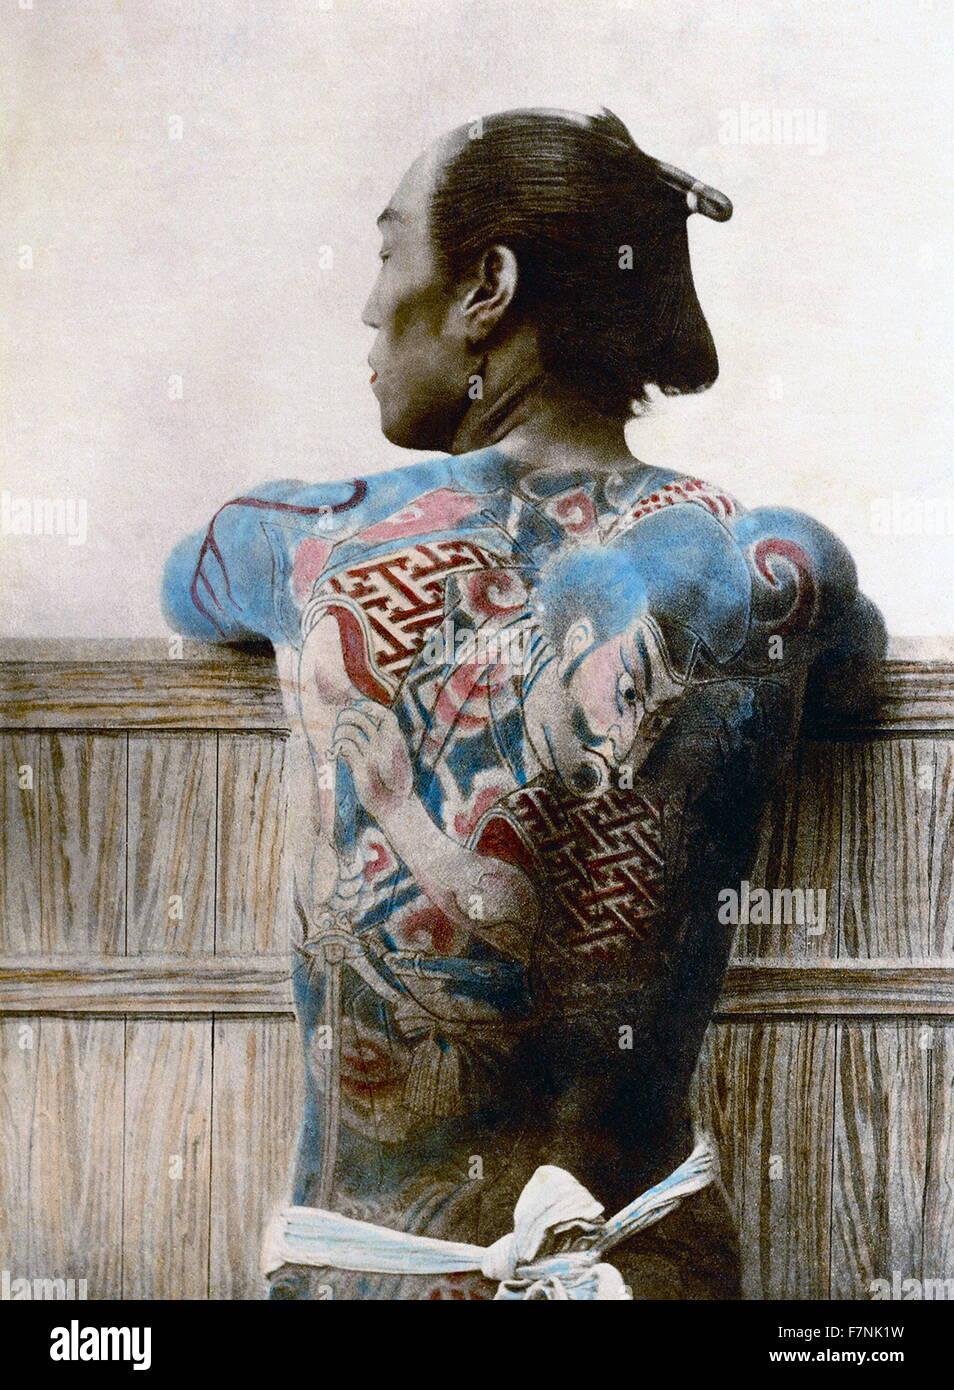 Guerrero Samurai japonés con tatuajes. Vintage fotografía de Japón 1890 Imagen De Stock